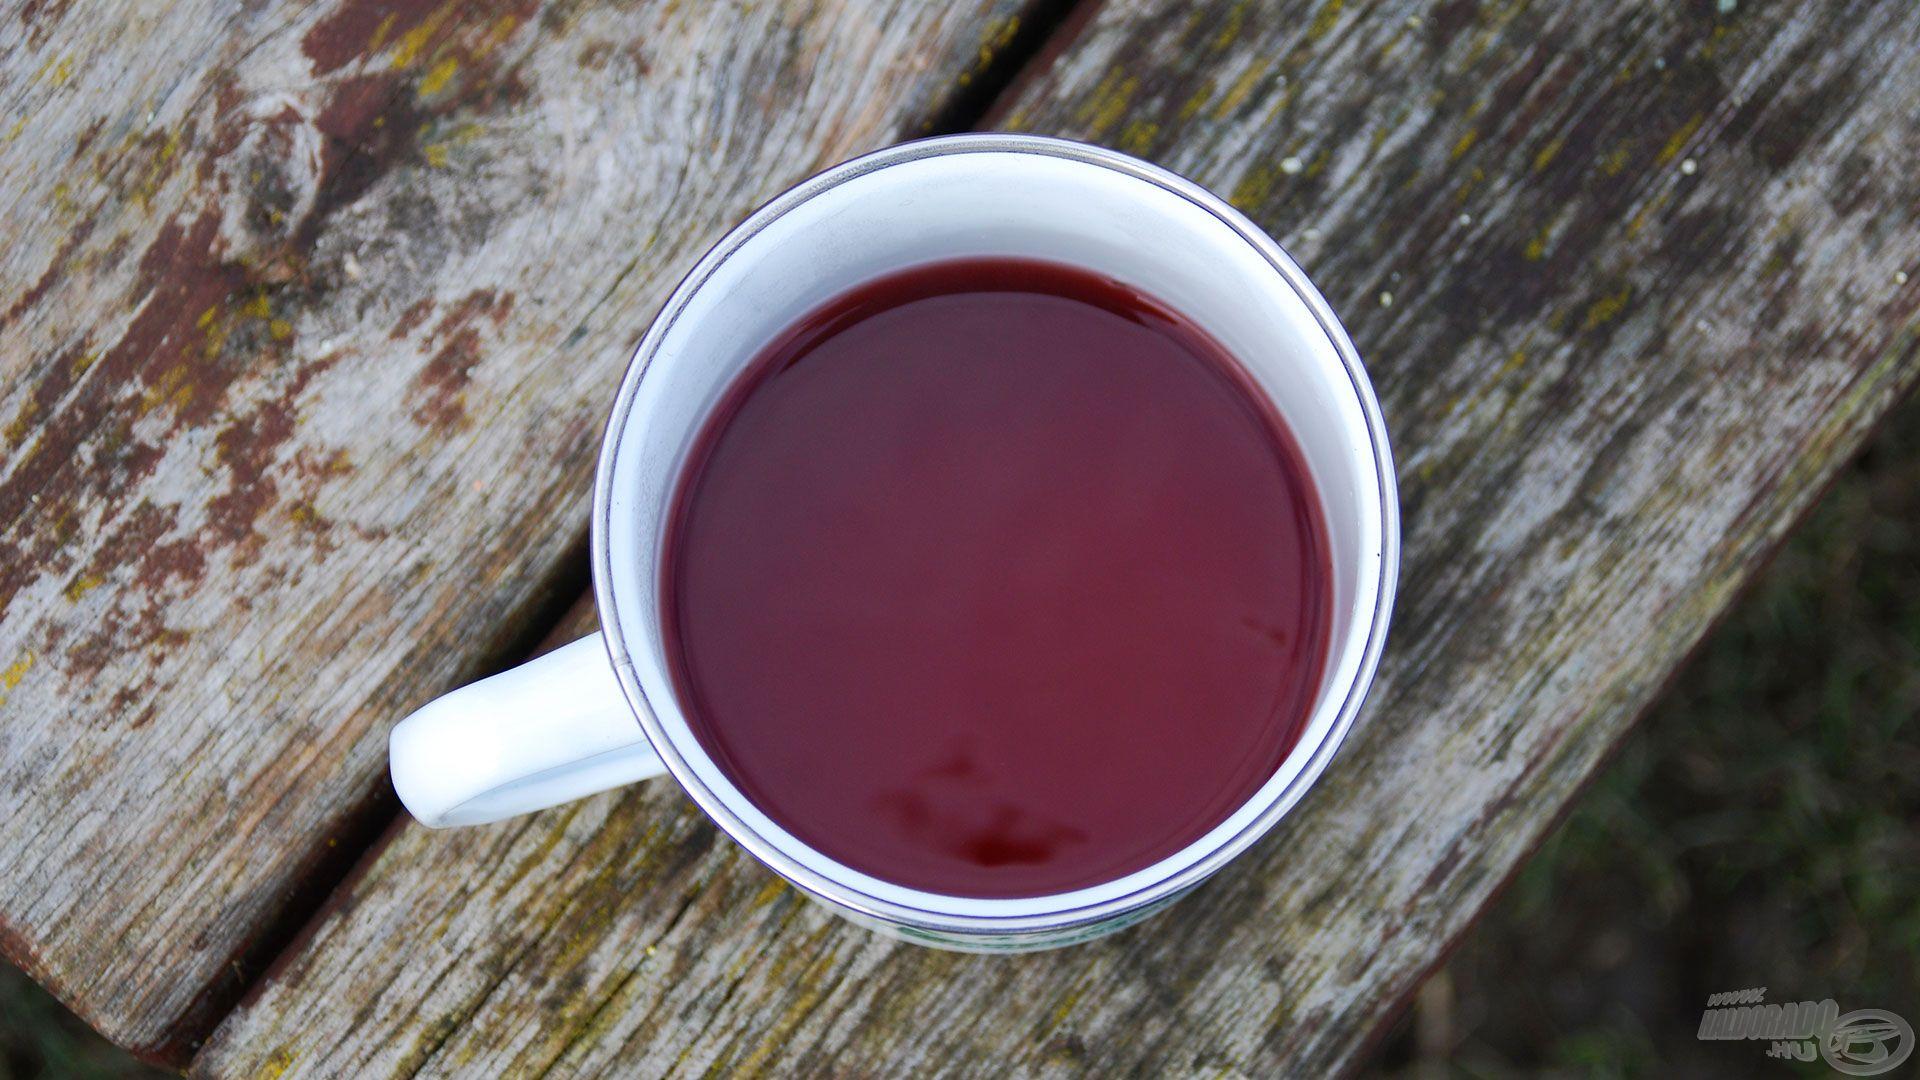 Télen alap kiegészítő a forró tea számomra